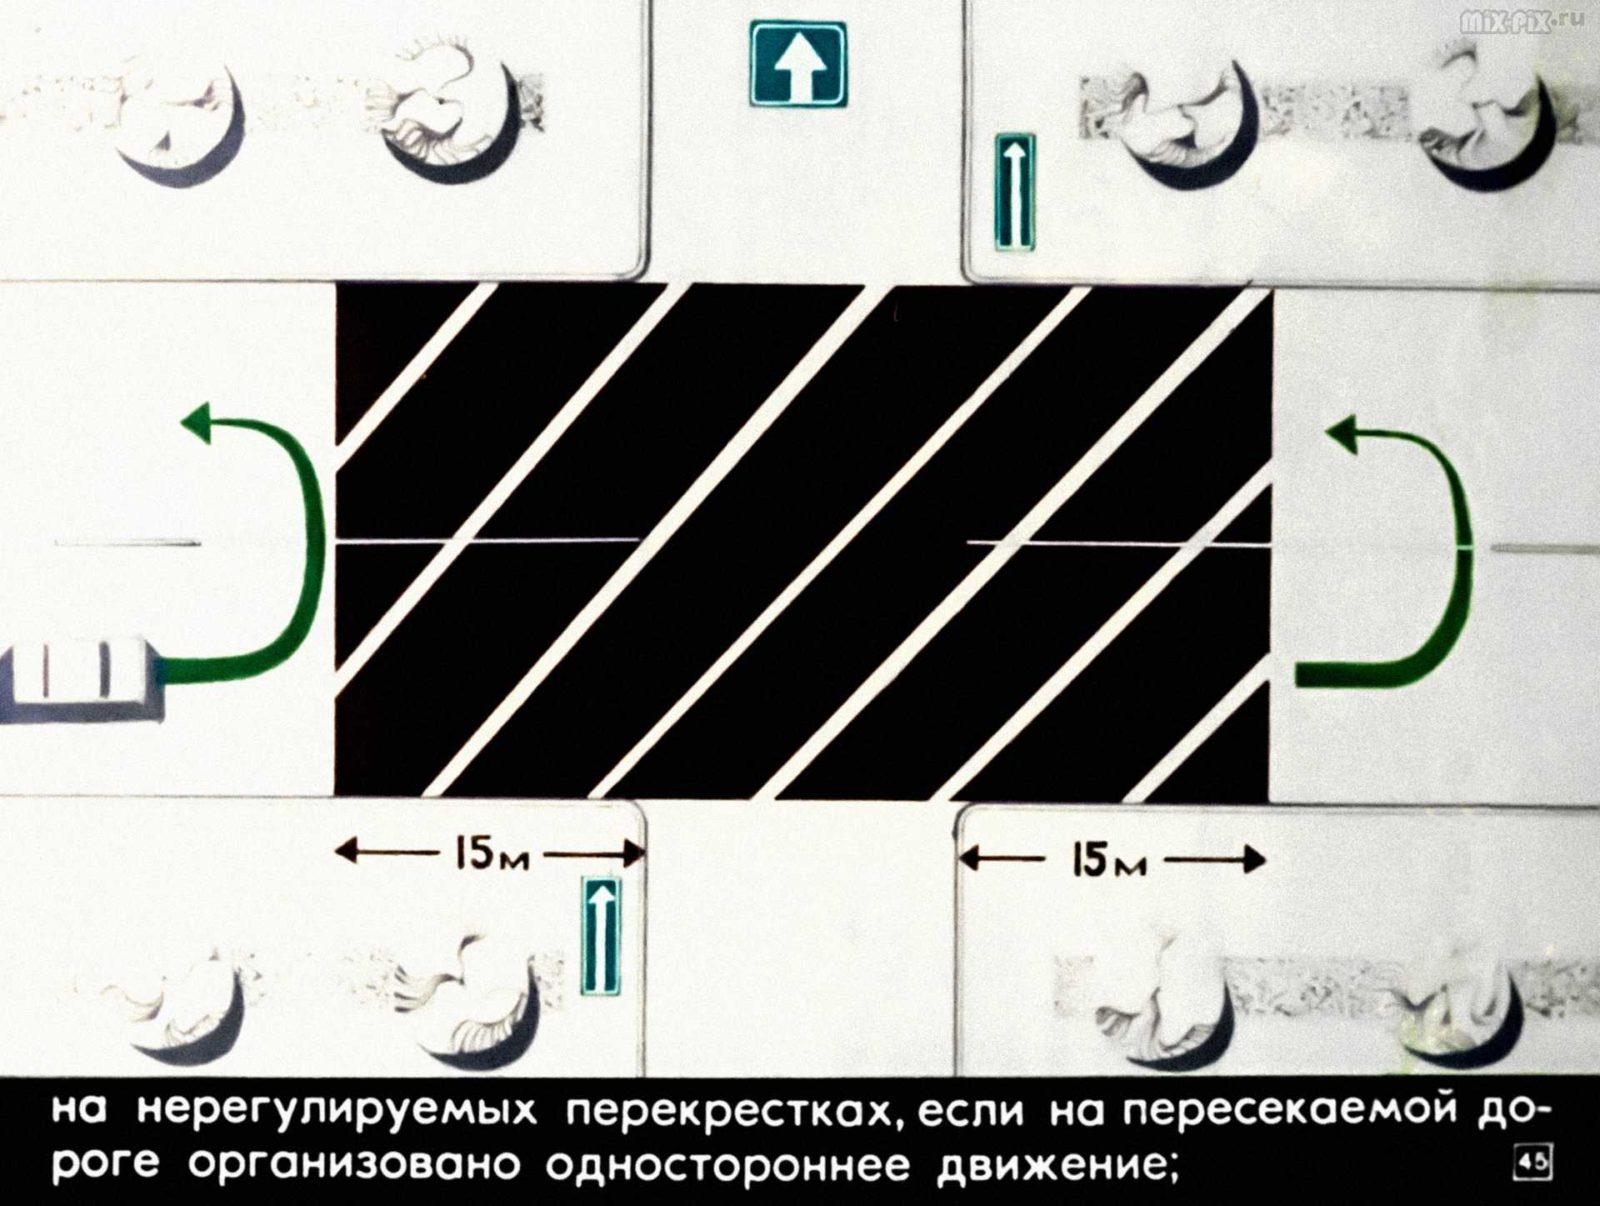 Правила дорожного движения. Расположение транспортных средств на проезжей части. Начало движения. Маневрирование (1983) 53